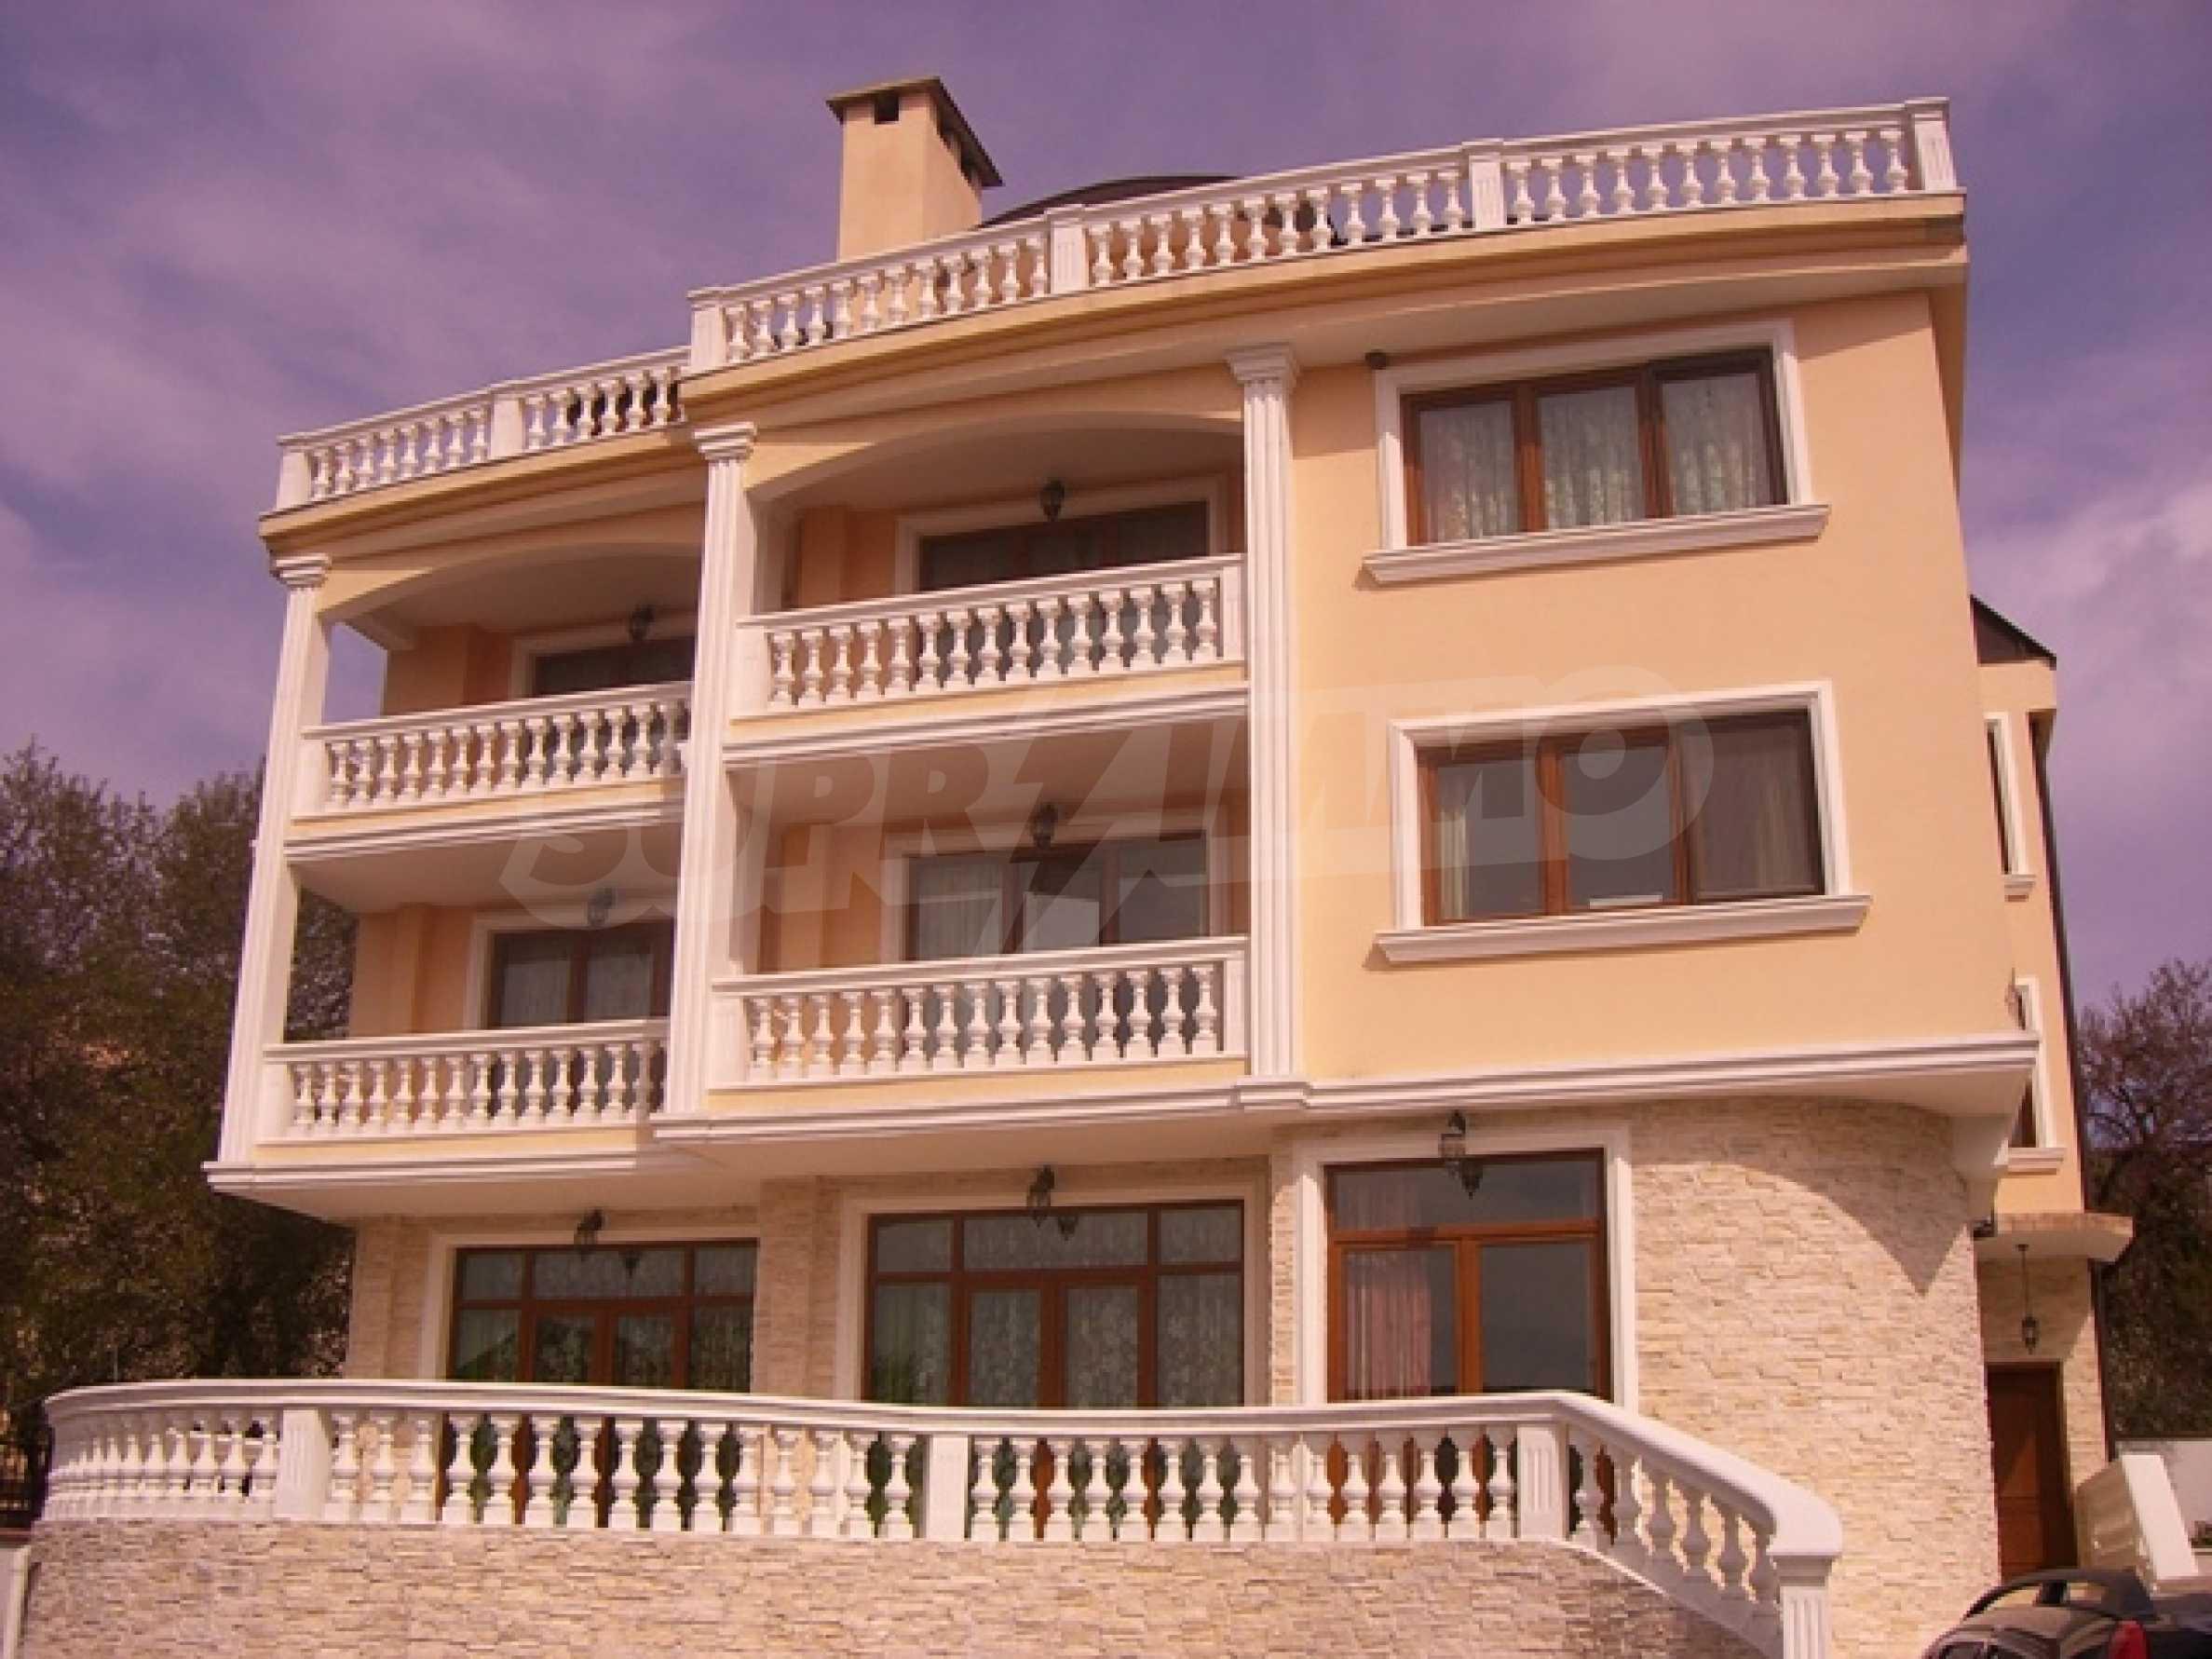 Residenz bulgarischen Traumhaus